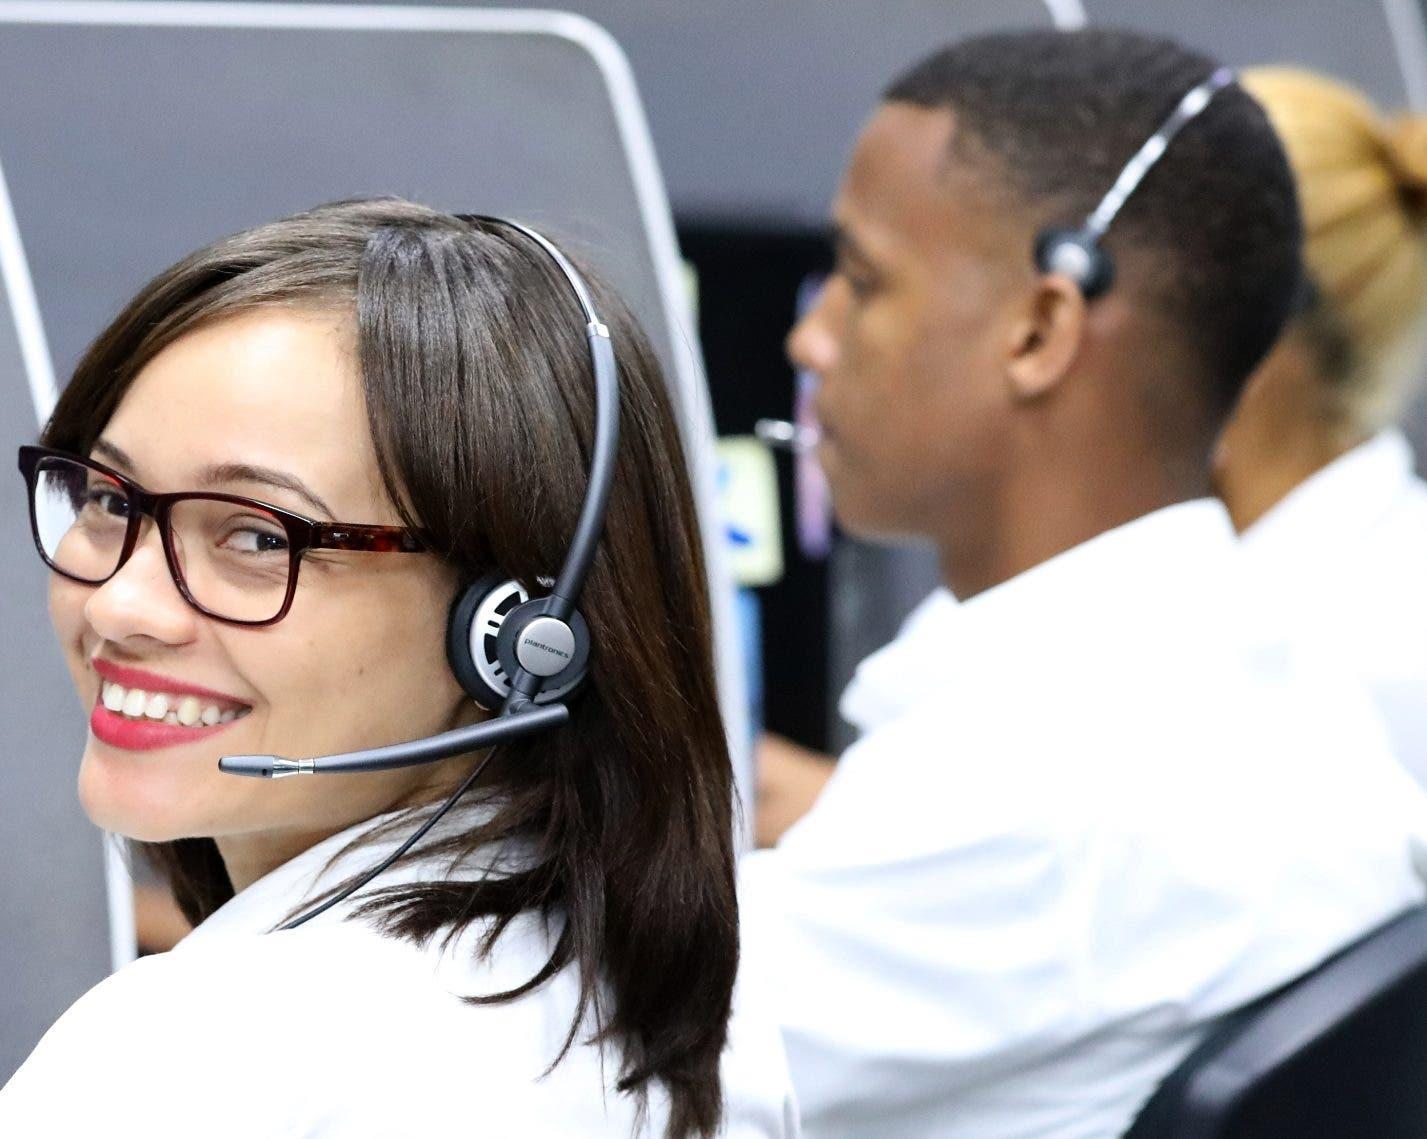 Empleados de Optic en cabina   mientras ofrecen atención.